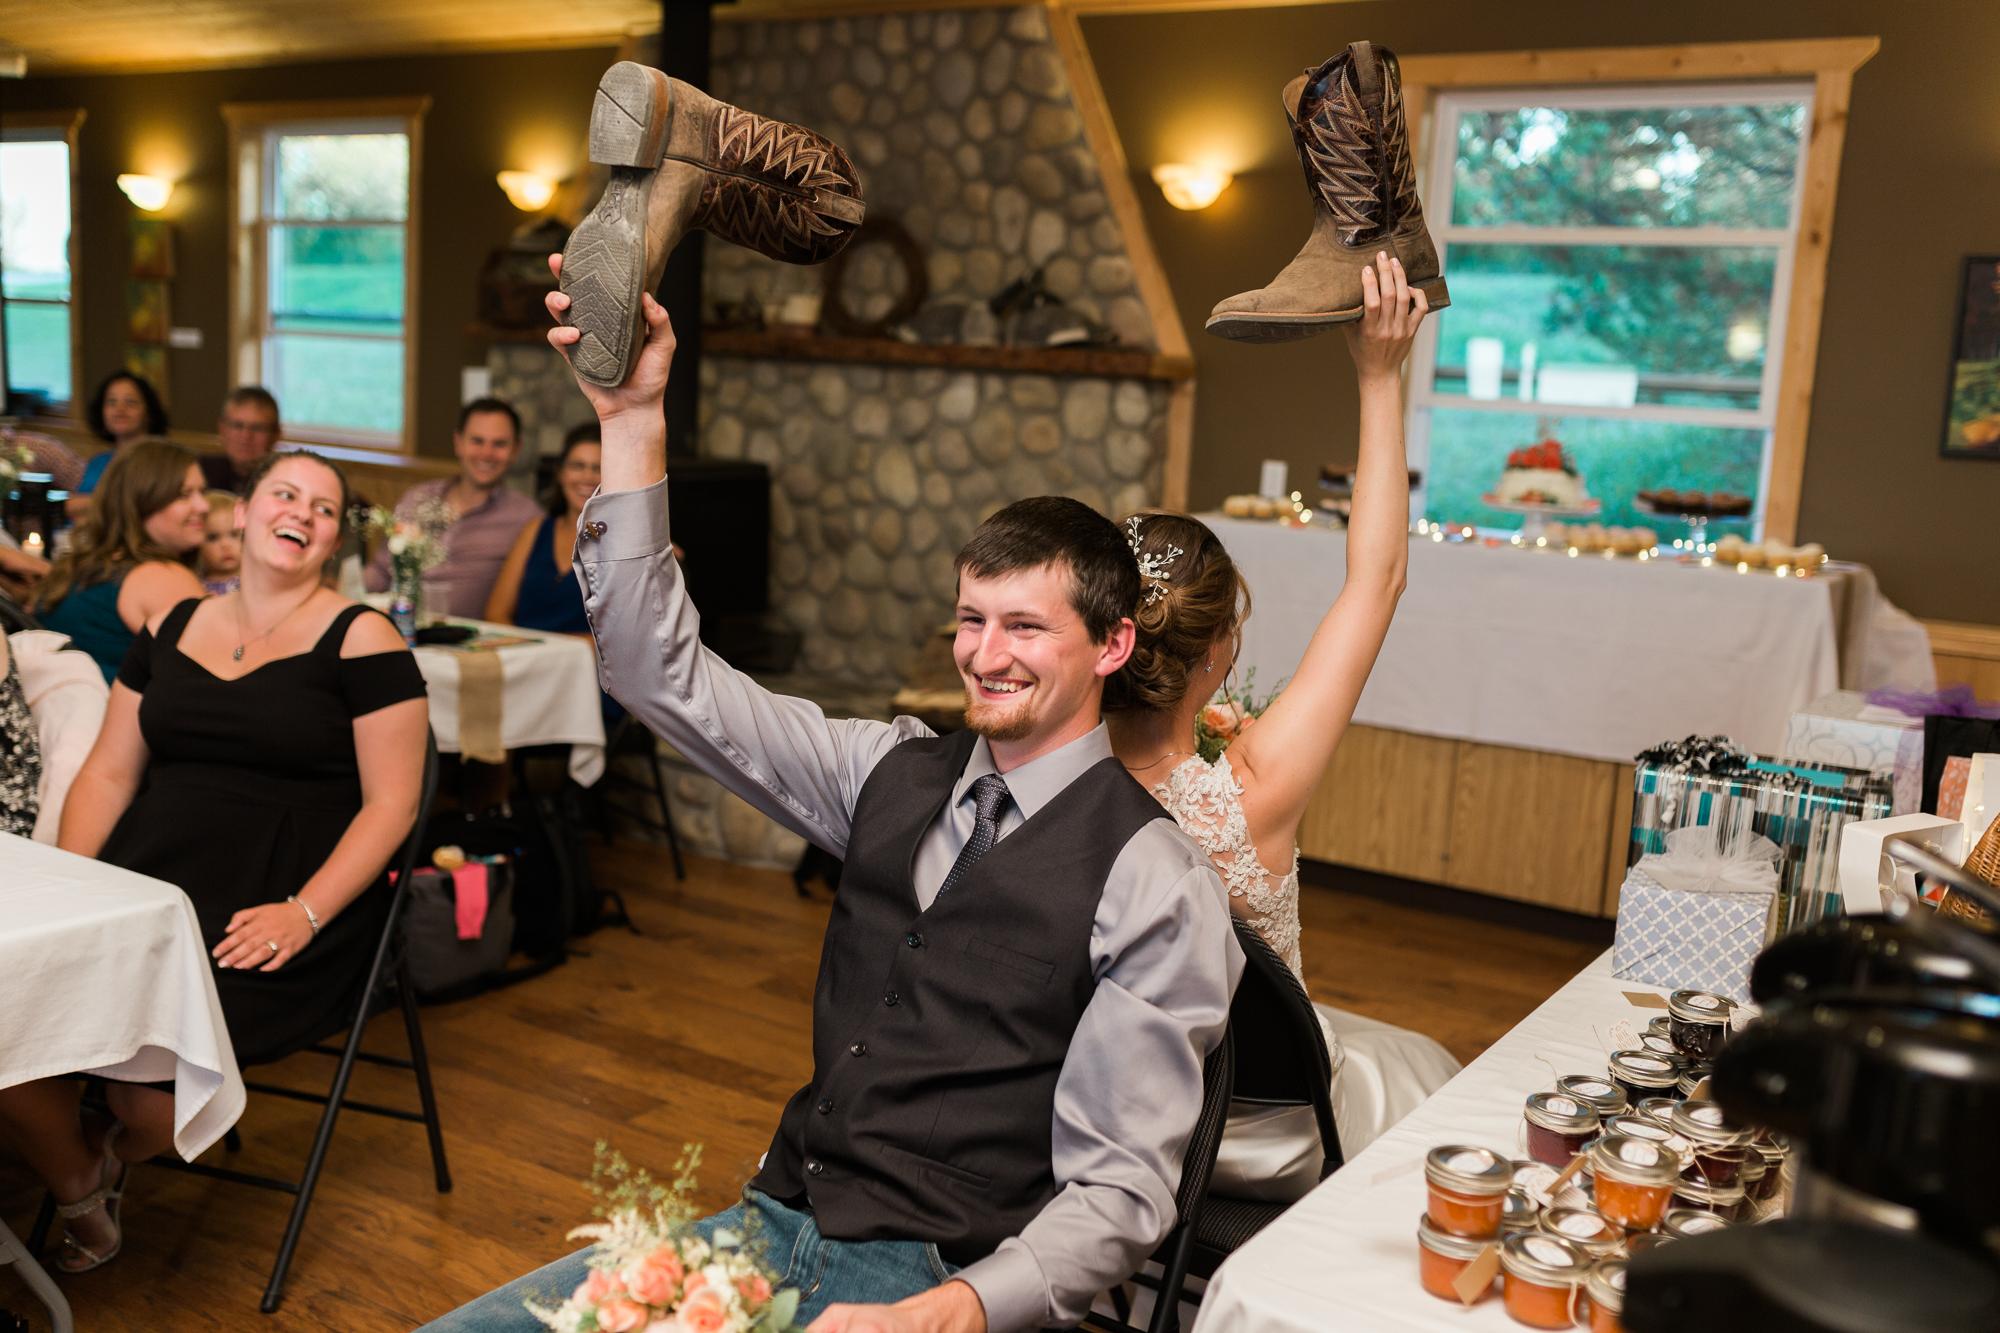 Deanna-Rachel-Photography-calgary-Wedding-photographer-jm-80.jpg